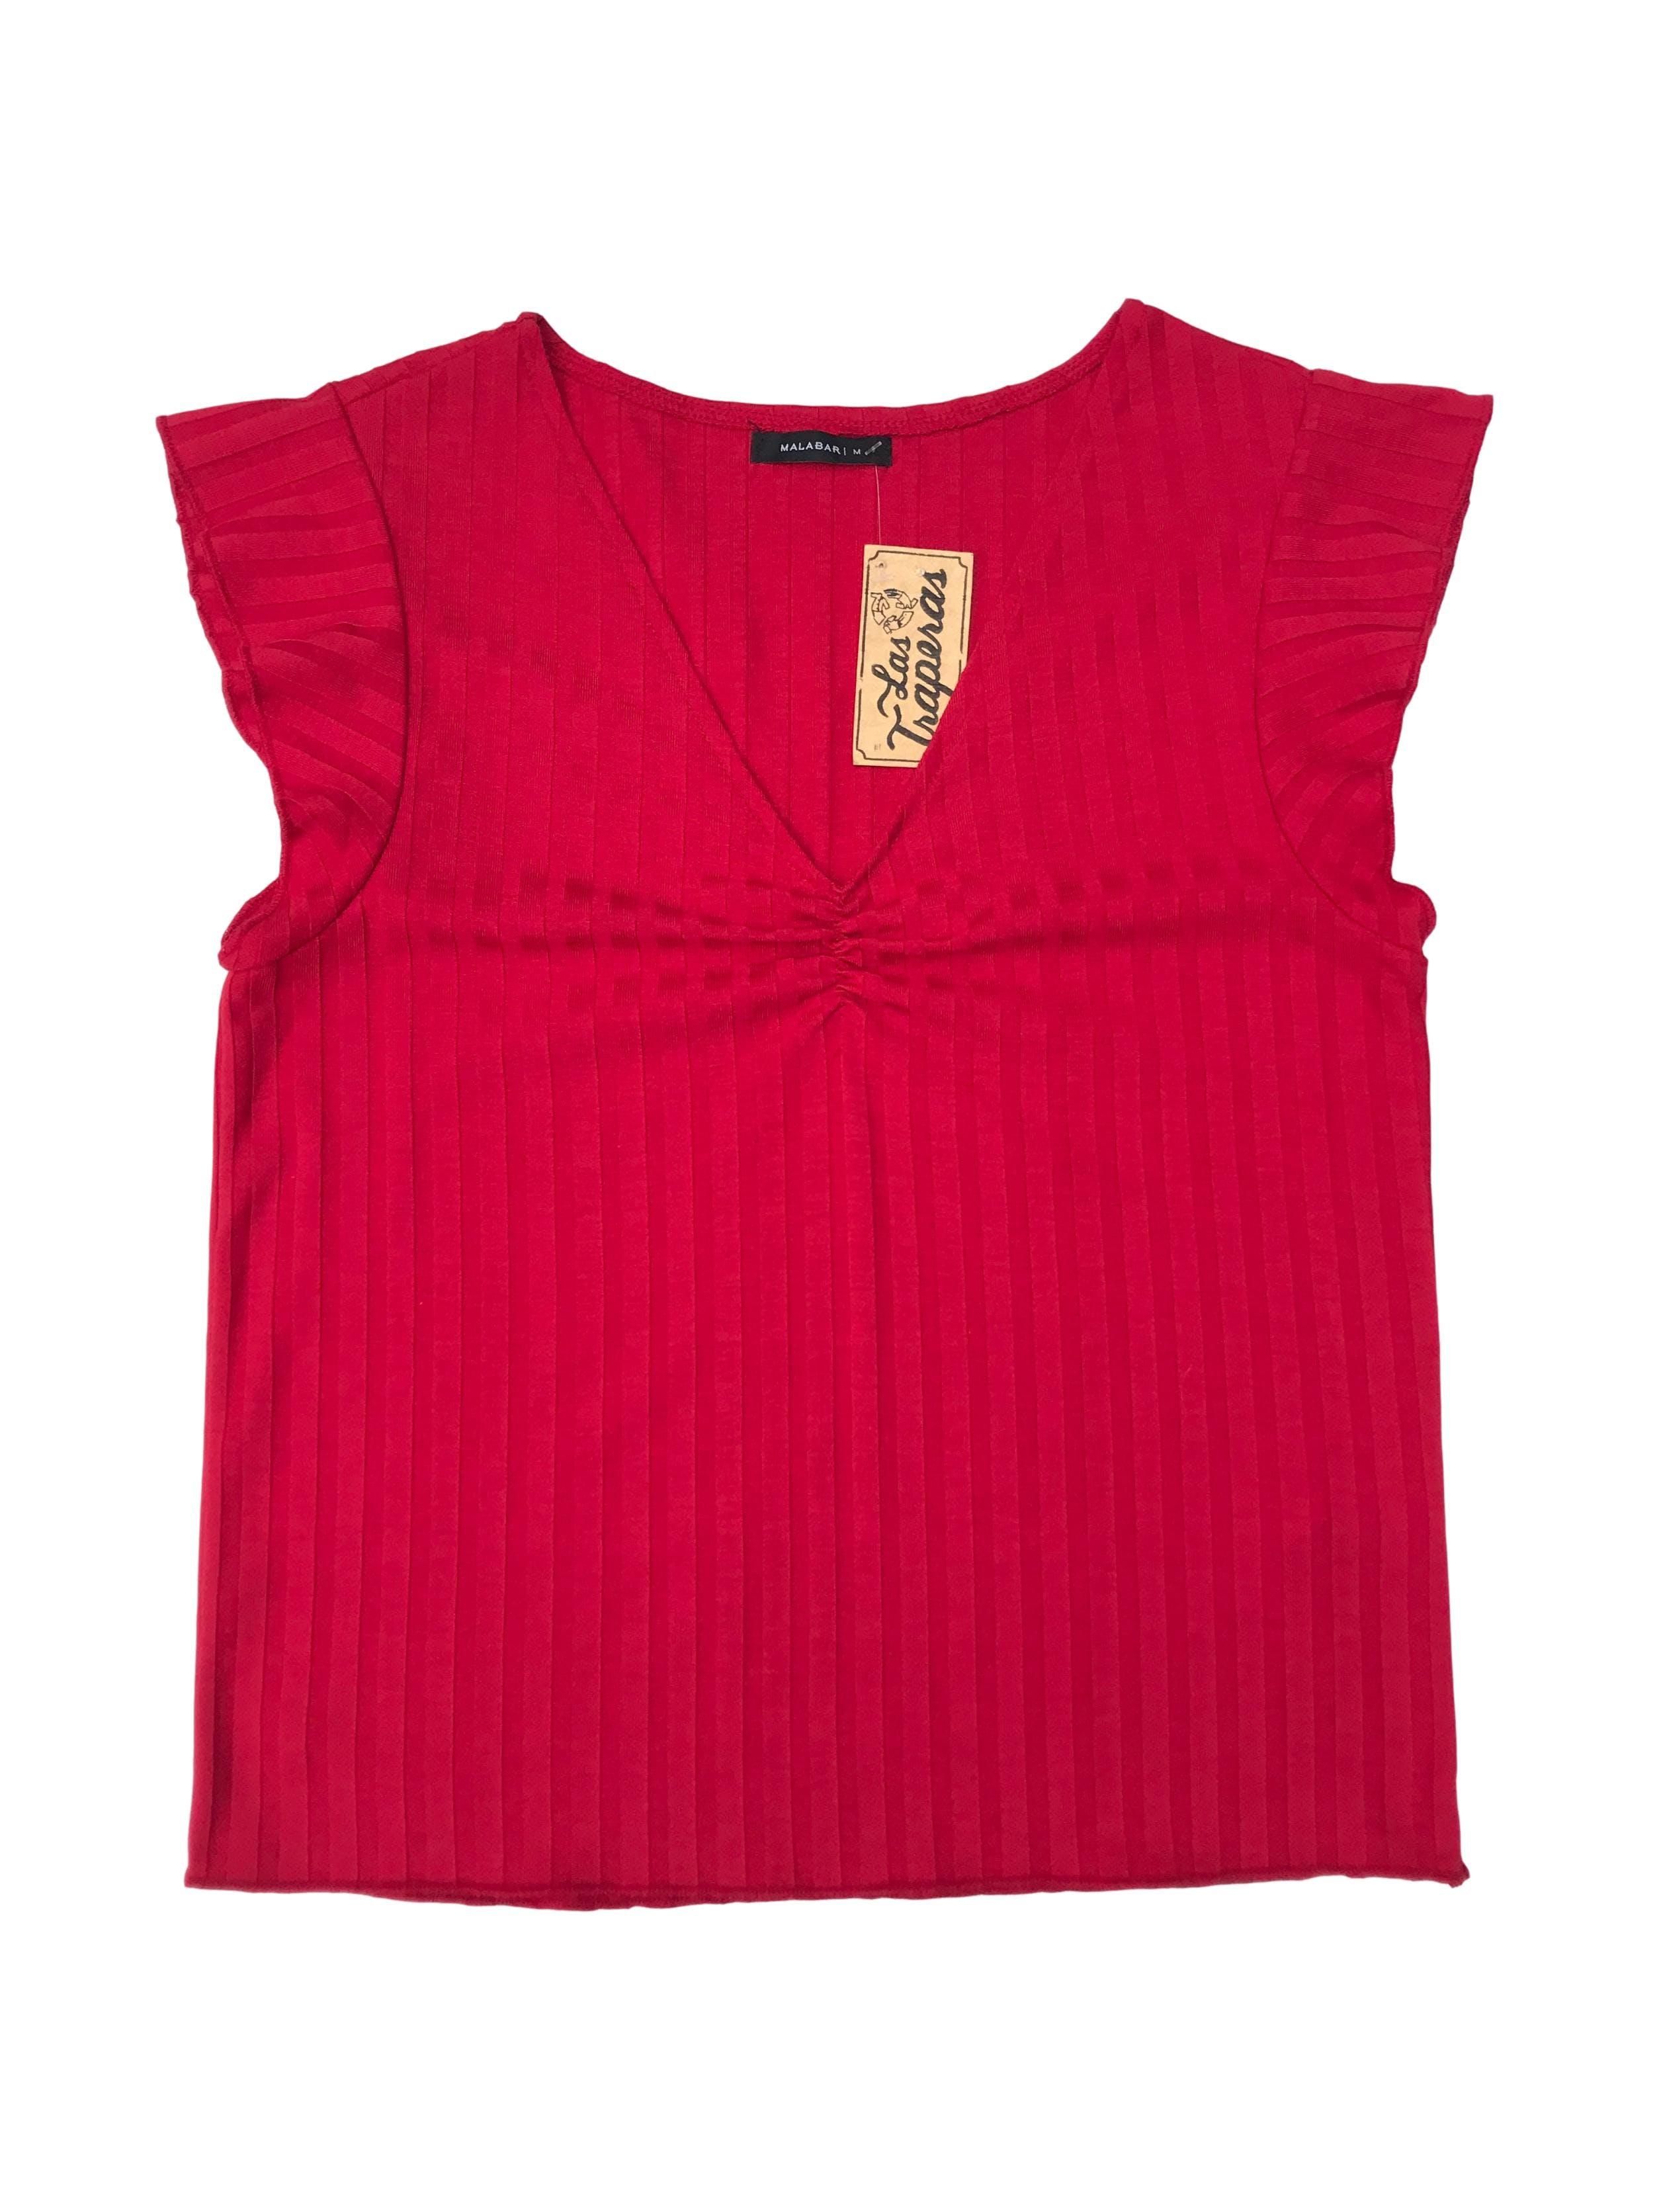 Polo Malabar rojo en franjas al tono, volante en mangas y recogido en el pecho